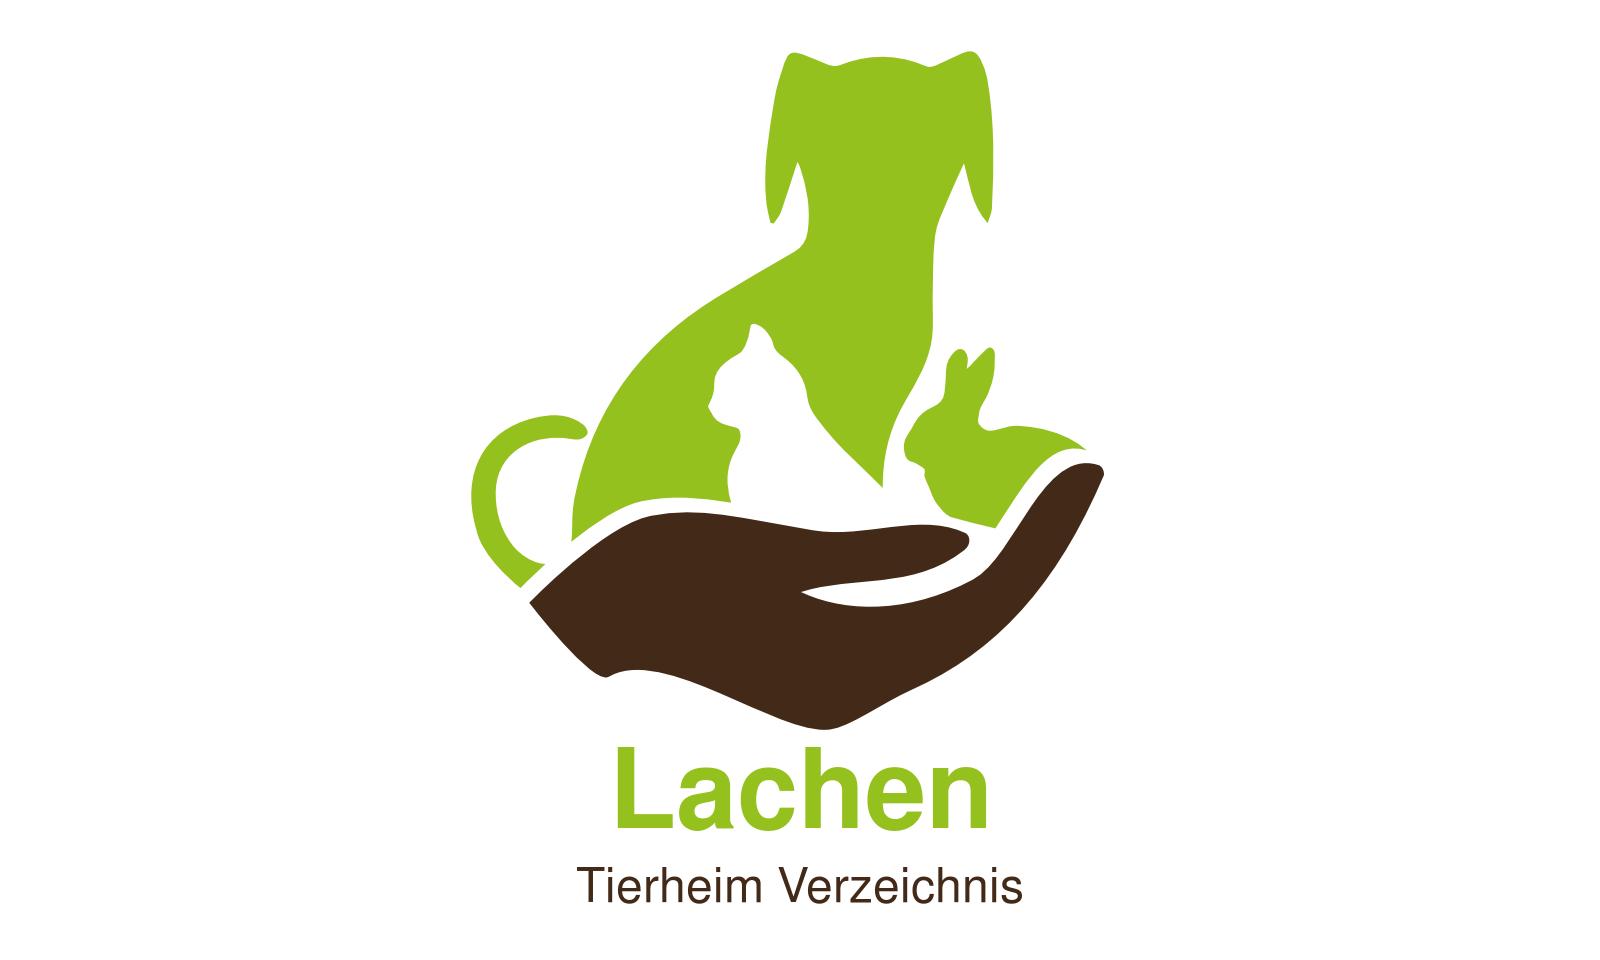 Tierheim Lachen